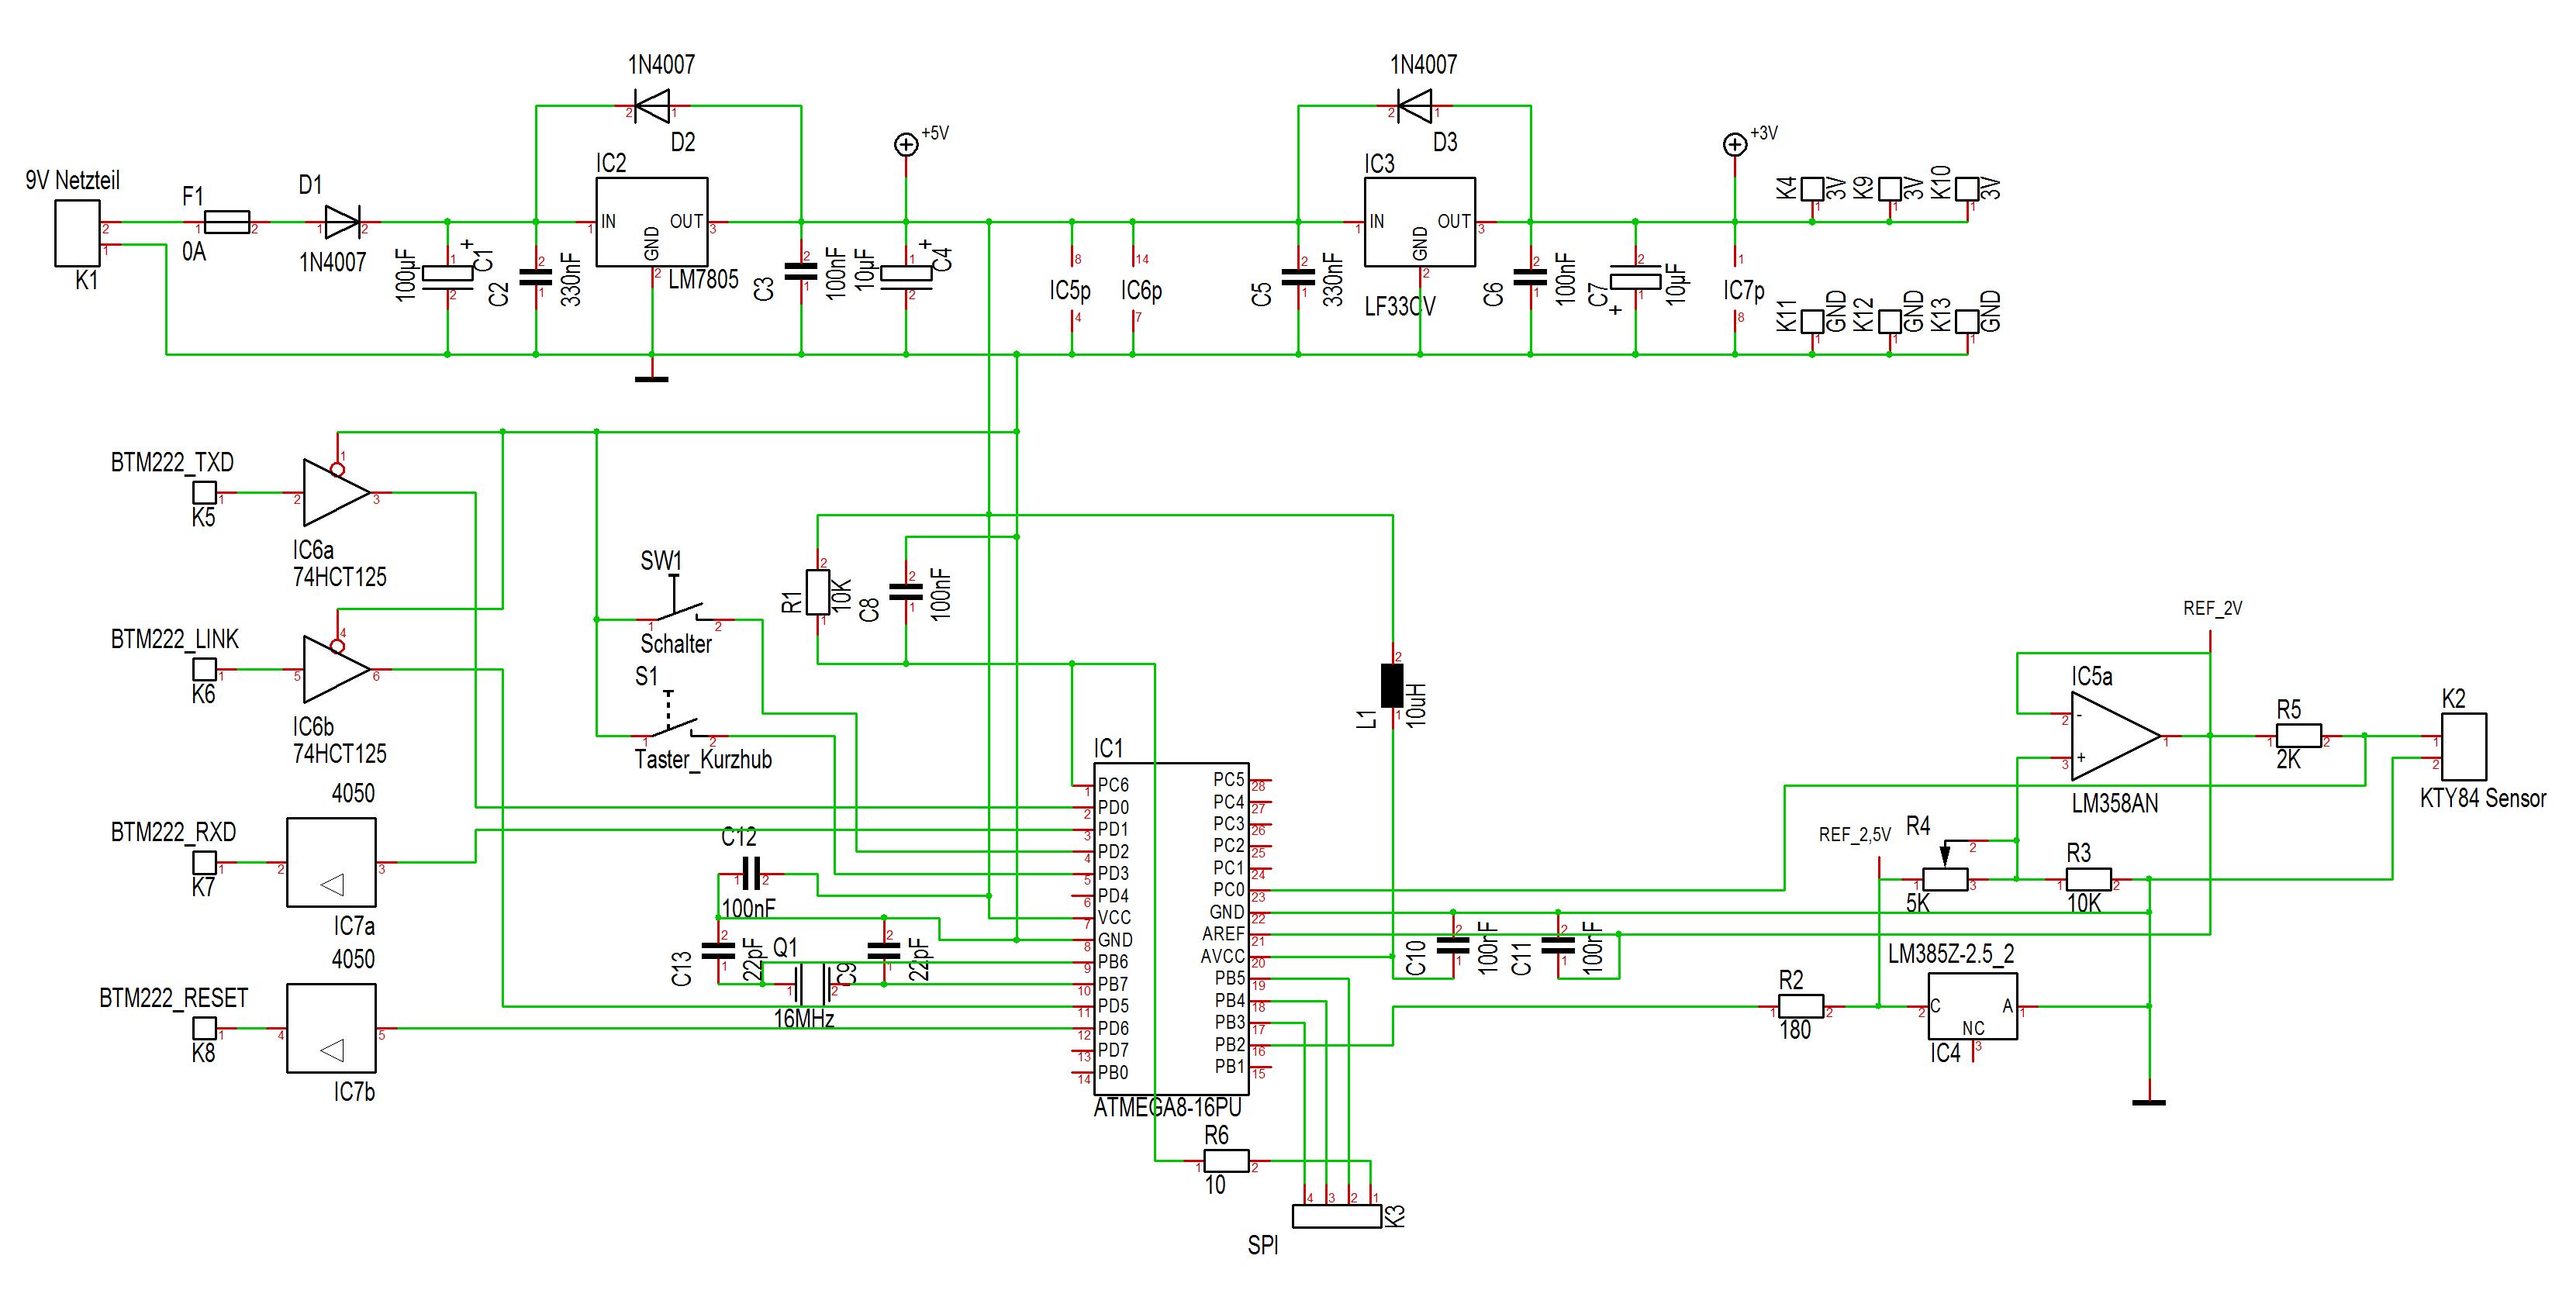 Ausgezeichnet 50 Ampere Drahtgrößendiagramm Ideen - Der Schaltplan ...